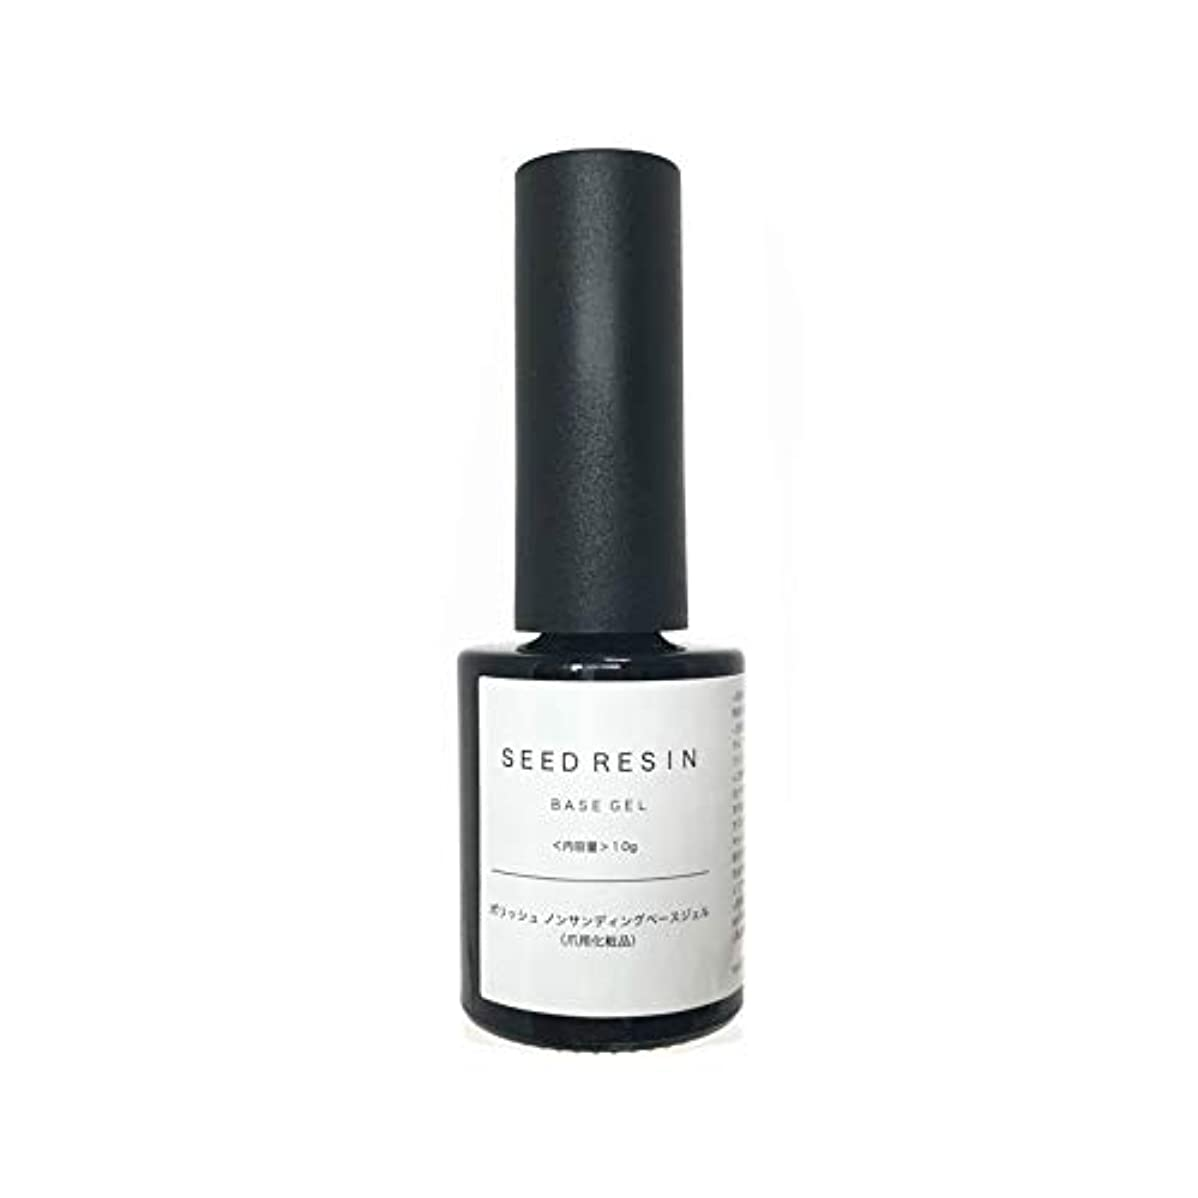 南タックルオアシスSEED RESIN(シードレジン) ジェルネイル ポリッシュ ノンサンディング ベースジェル 10g 爪用化粧品 日本製